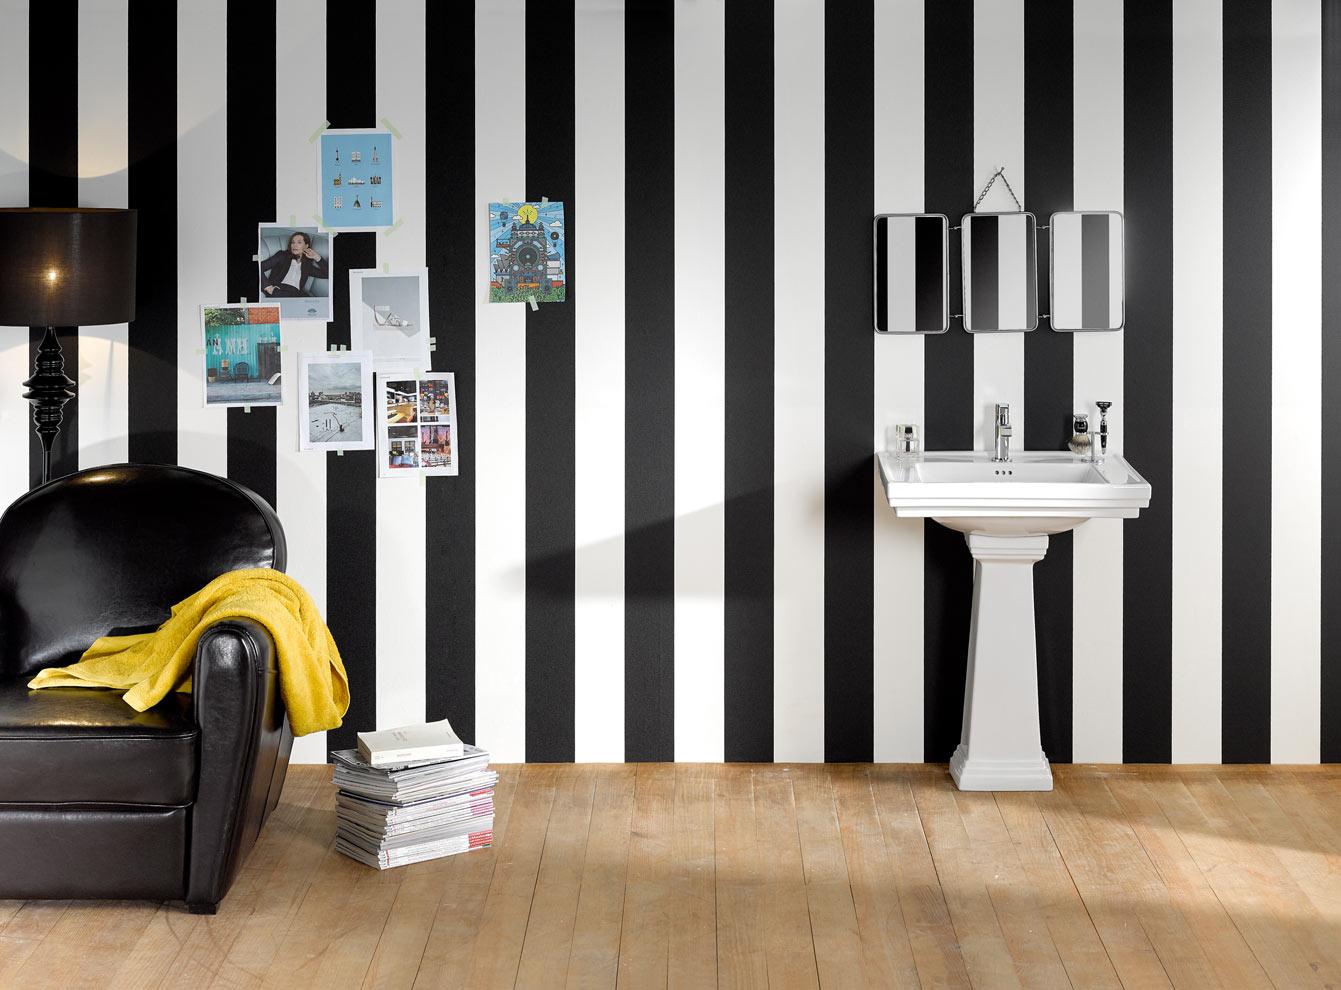 nouveaut s d co console saturne plug plant d co truck. Black Bedroom Furniture Sets. Home Design Ideas